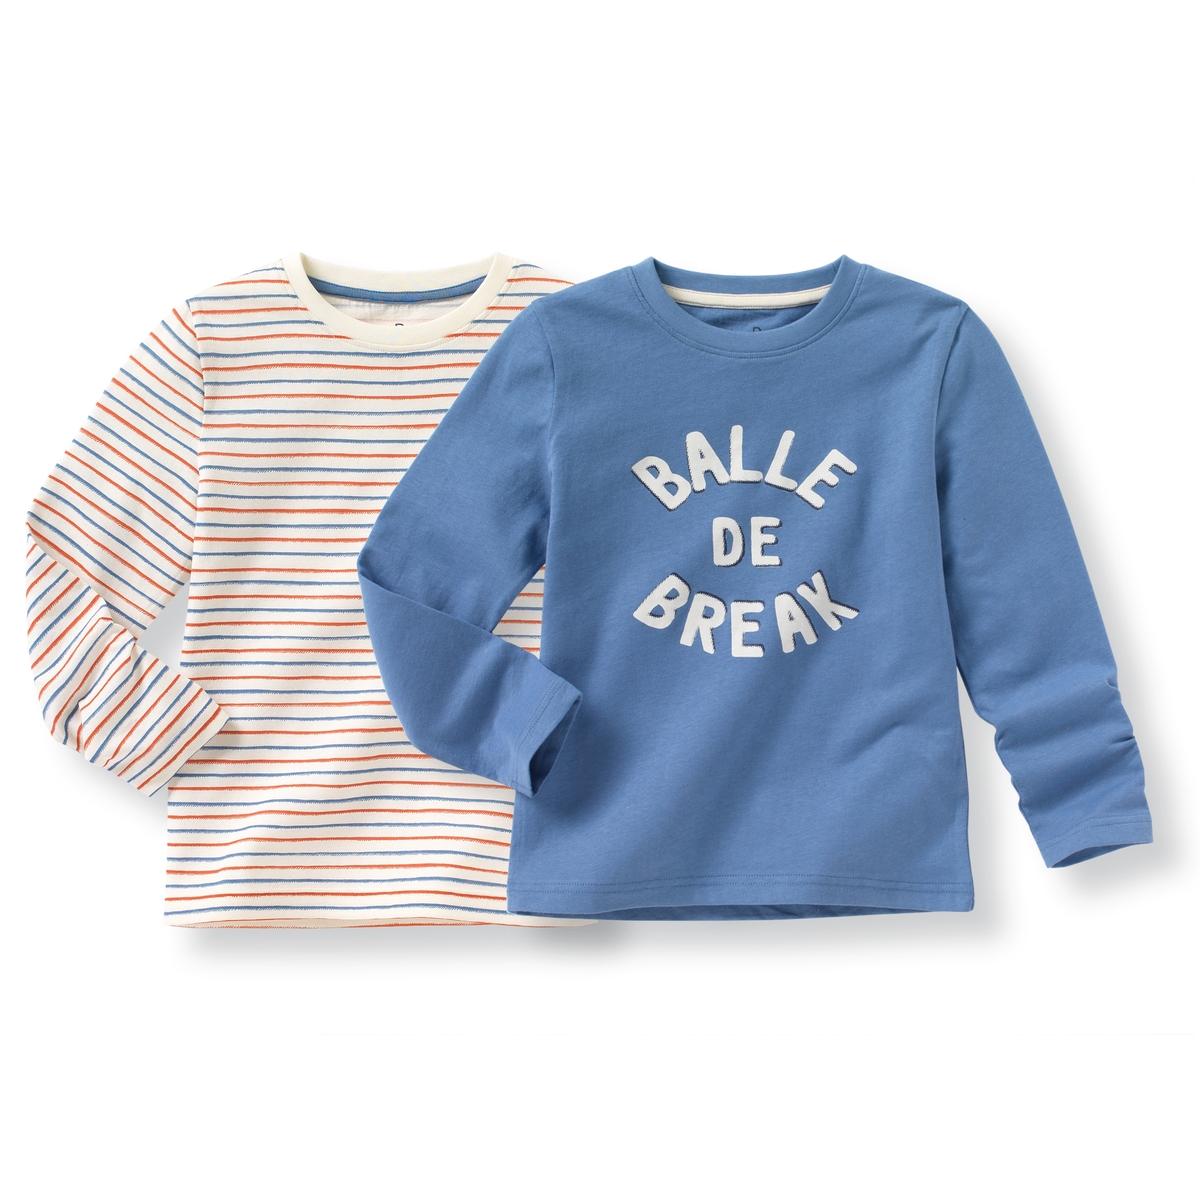 Комплект из 2 футболок с длинными рукавами, 3-12 летСостав и описаниеМатериал      100% хлопокМарка      R ?ditionУход:Машинная стирка при 30 °C с вещами схожих цветовСтирать и гладить с изнаночной стороныМашинная сушка запрещенаГладить на низкой температуре<br><br>Цвет: синий + в полоску<br>Размер: 12 лет -150 см